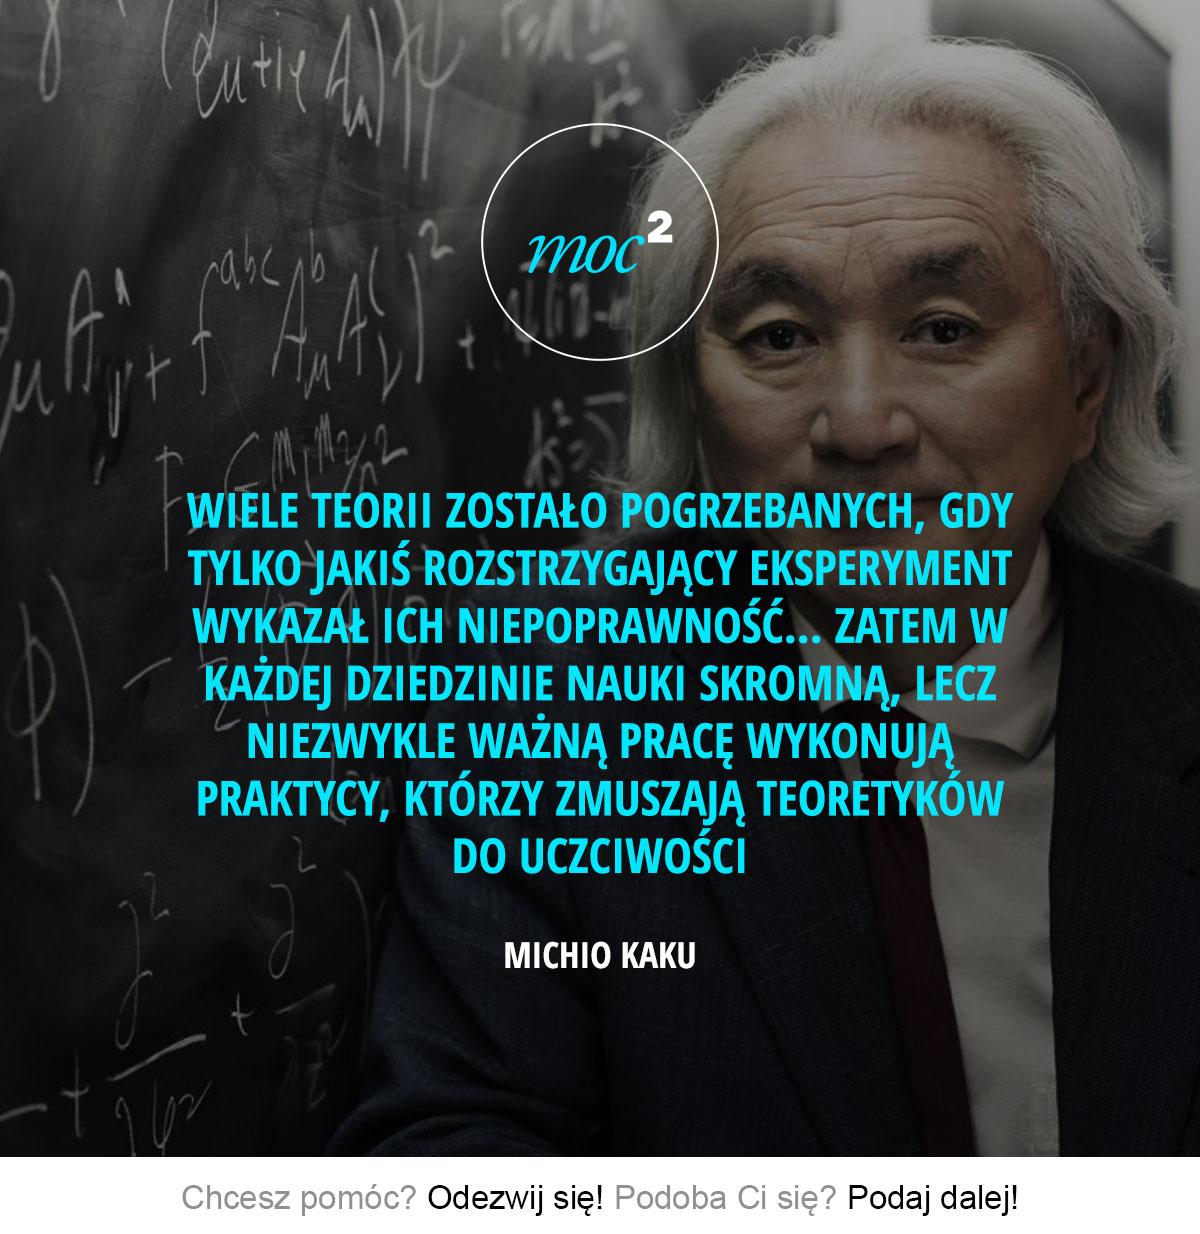 Wiele teorii zostało pogrzebanych, gdy tylko jakiś rozstrzygający eksperyment wykazał ich niepoprawność... Zatem w każdej dziedzinie nauki skromną, lecz niezwykle ważną pracę wykonują praktycy, którzy zmuszają teoretyków do uczciwości. - Michio Kaku